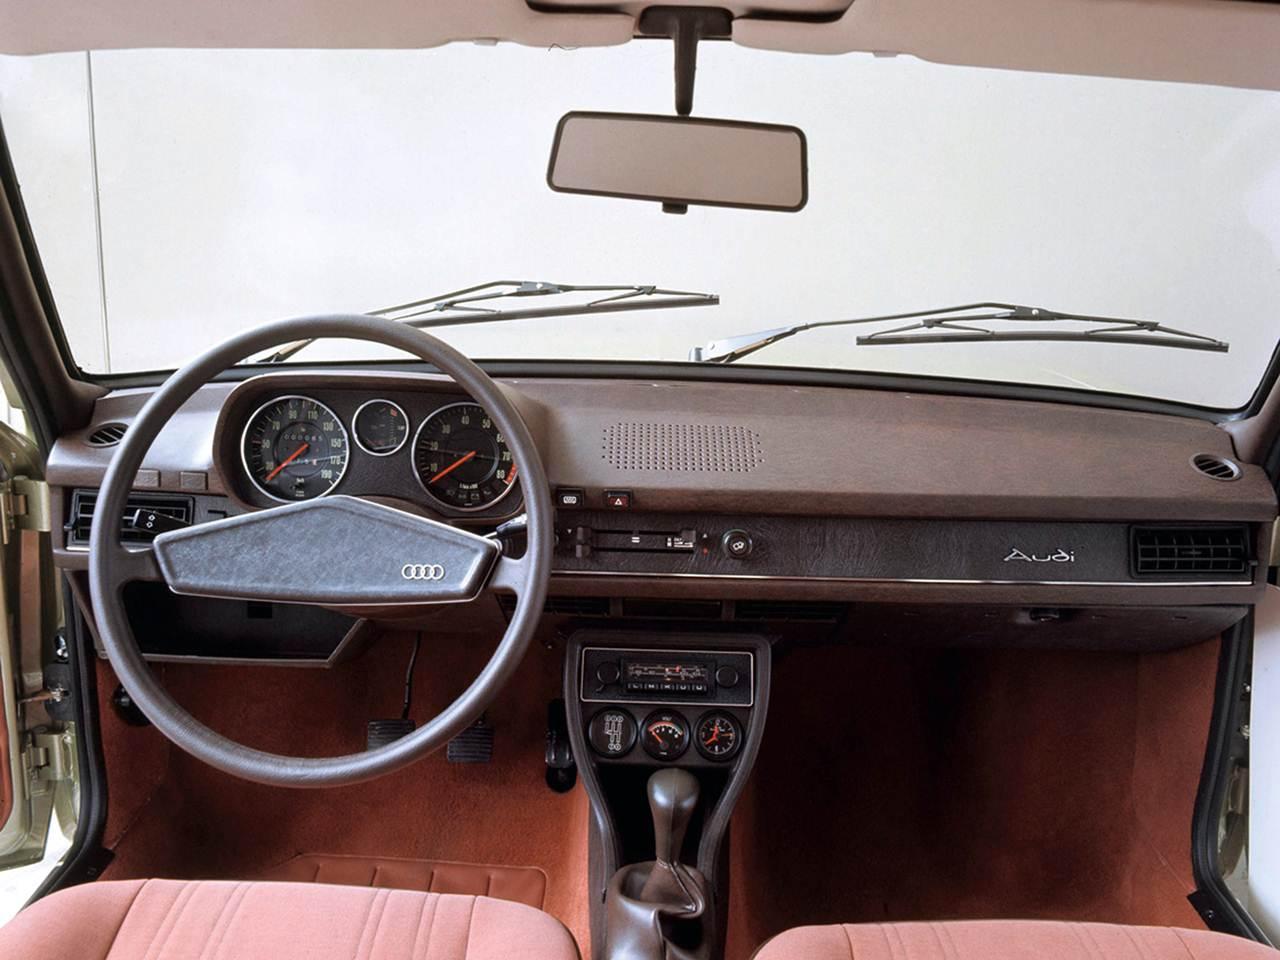 Nsu ro 80 o precursor do audi a4 e do vw passat car blog br for Audi 80 interieur